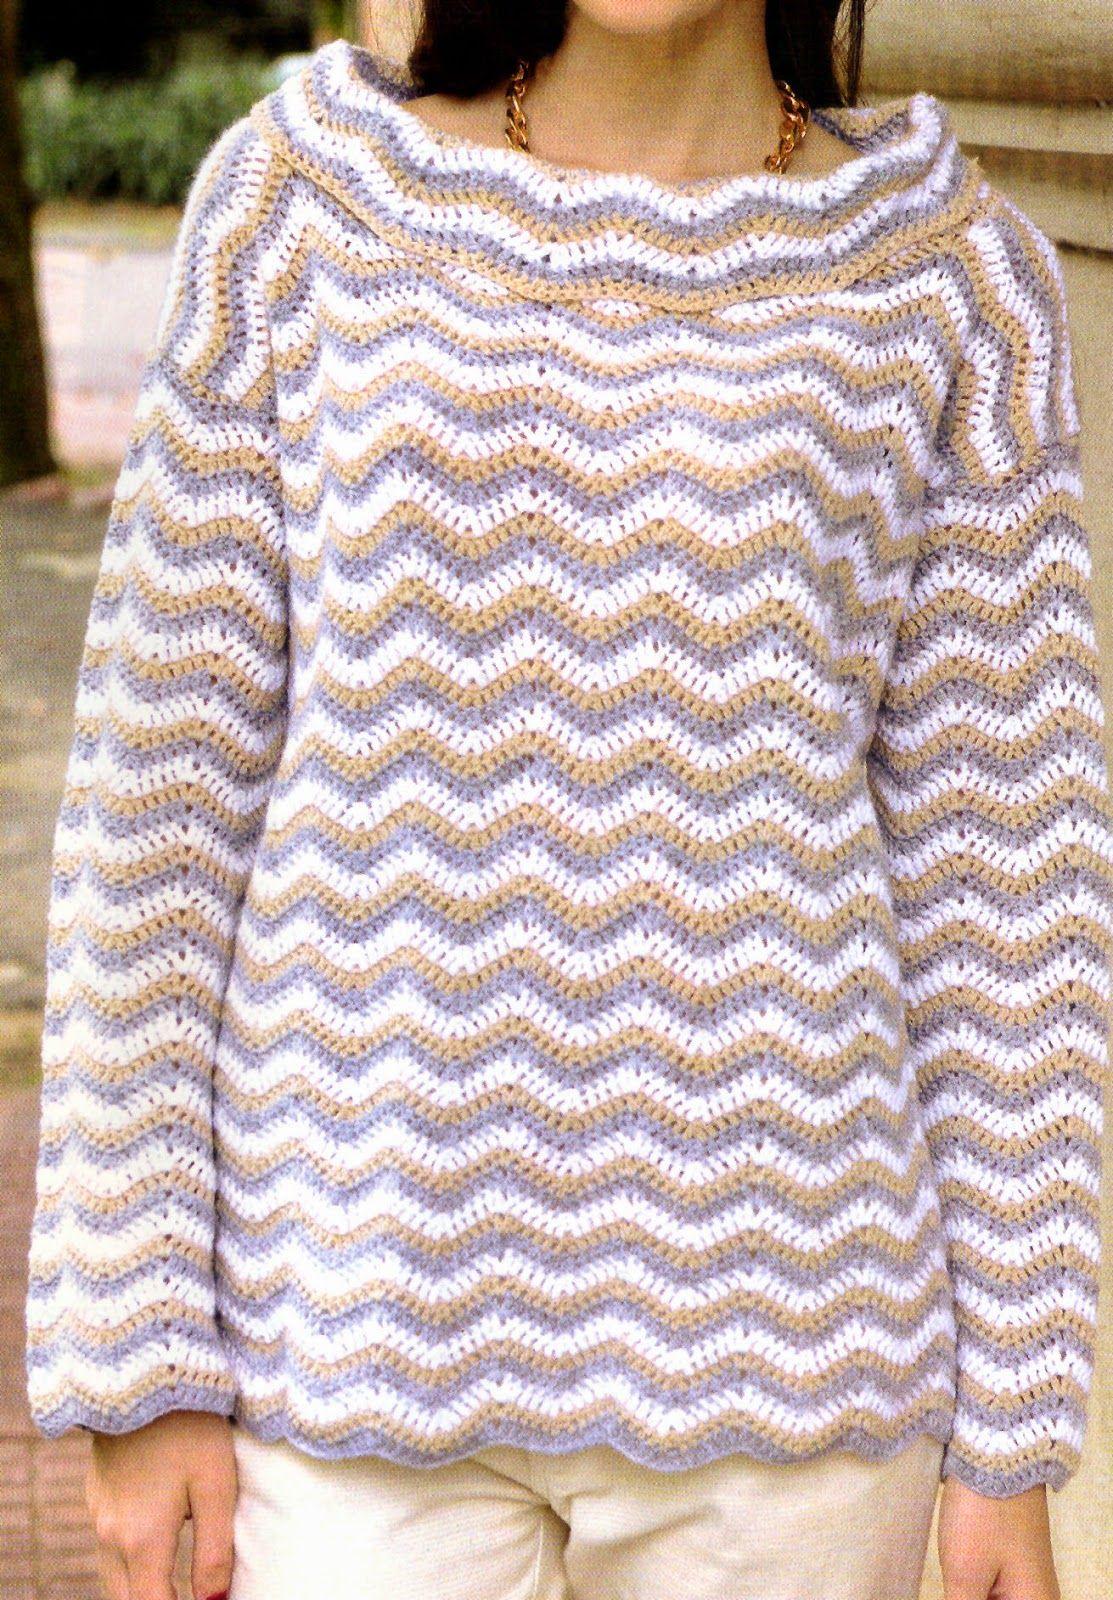 tejidos al crochet paso a paso con diagramas  sueter tejido en crochet en  punto zig zag c471437344b3